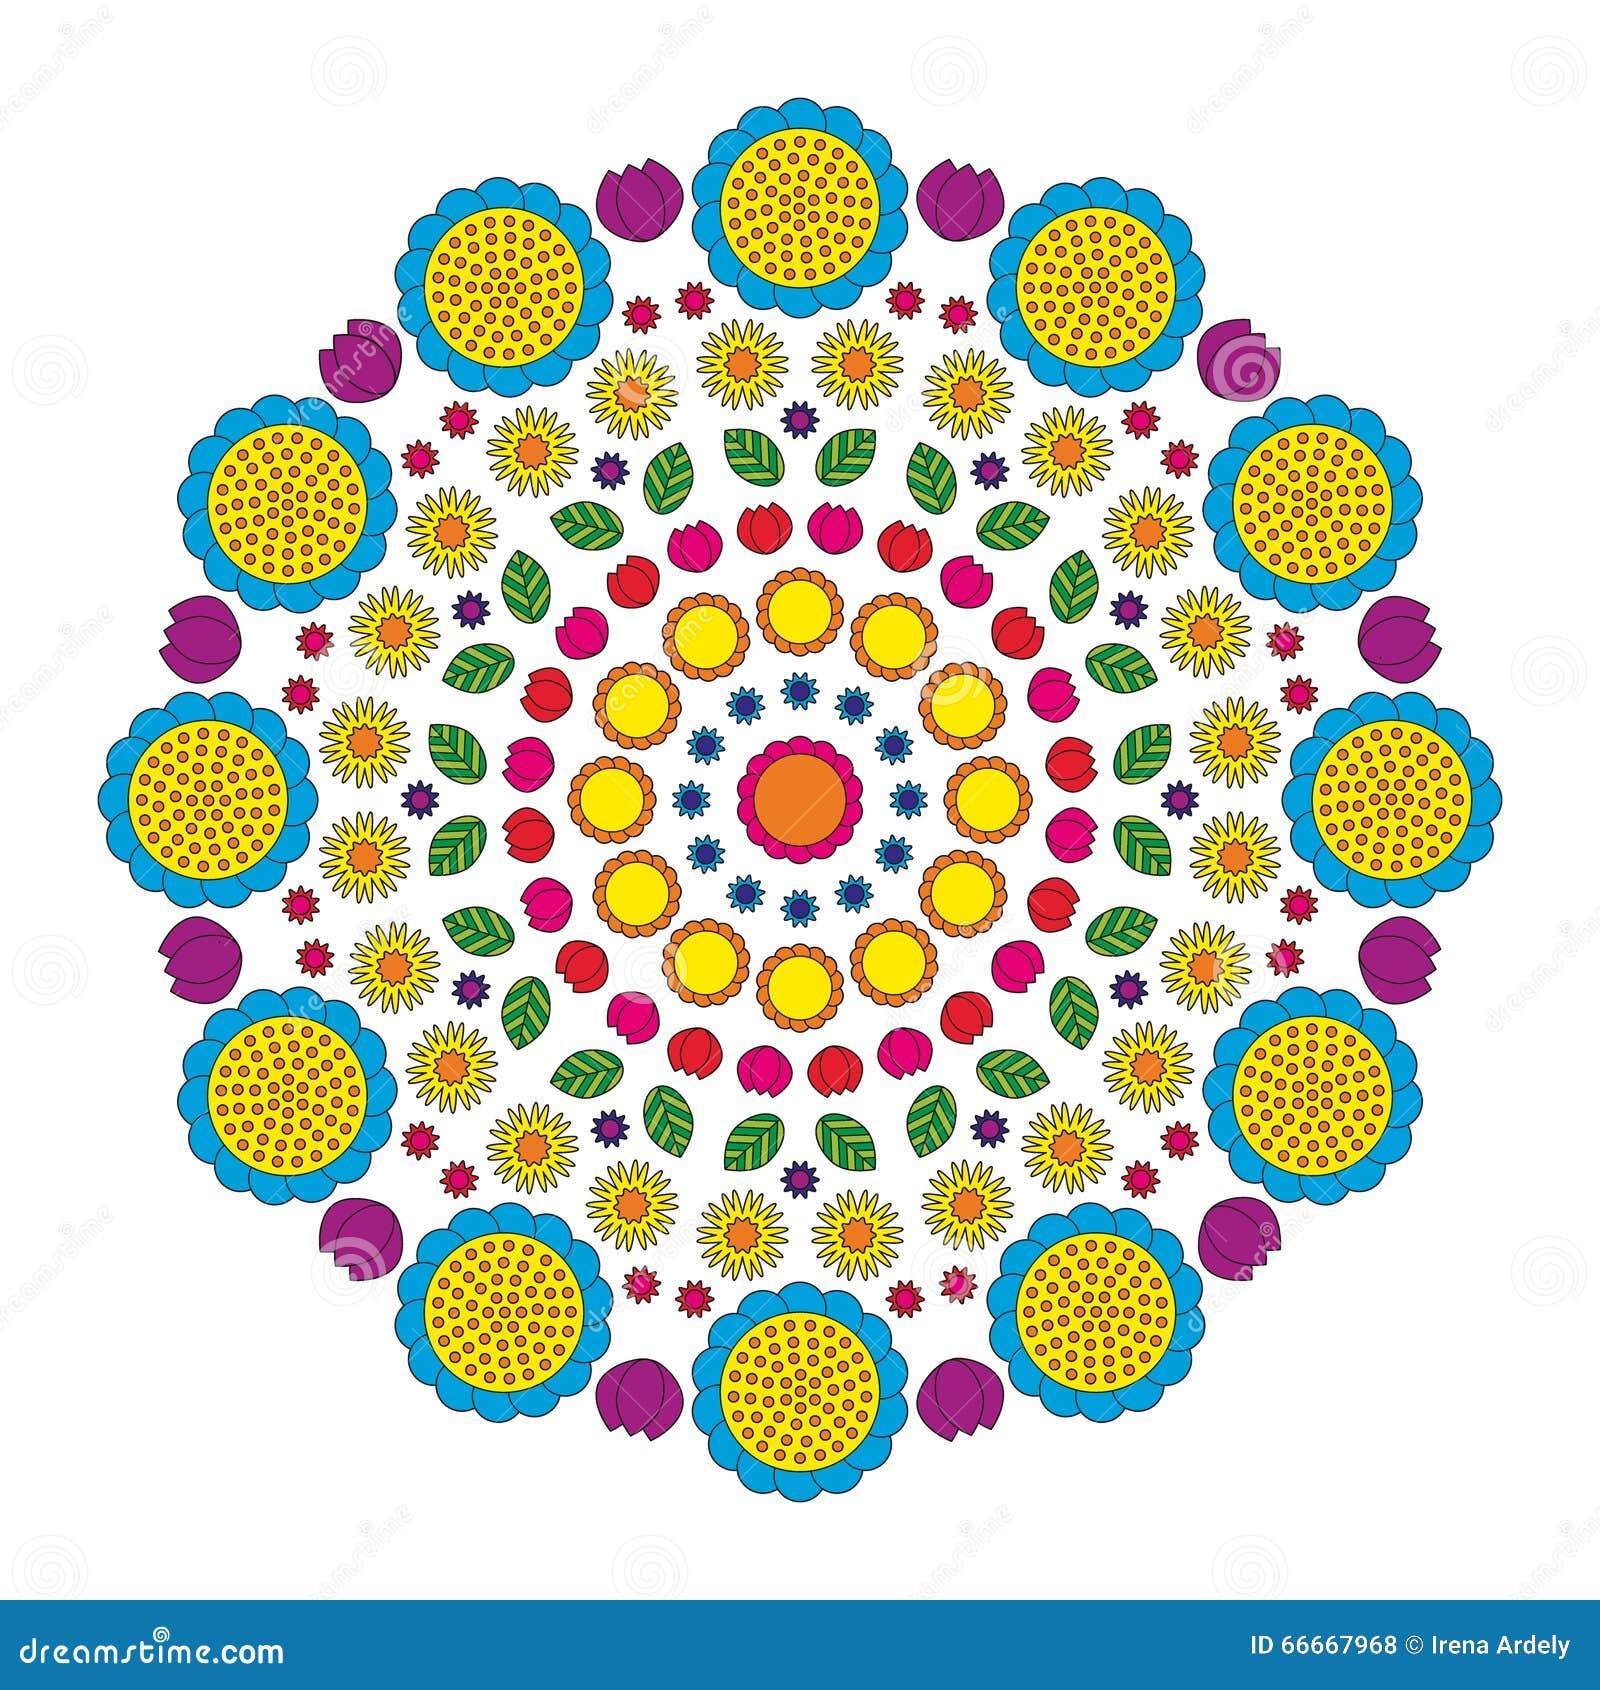 La primavera divertida de la mandala circular del modelo florece coloreado colorido - fondo floral